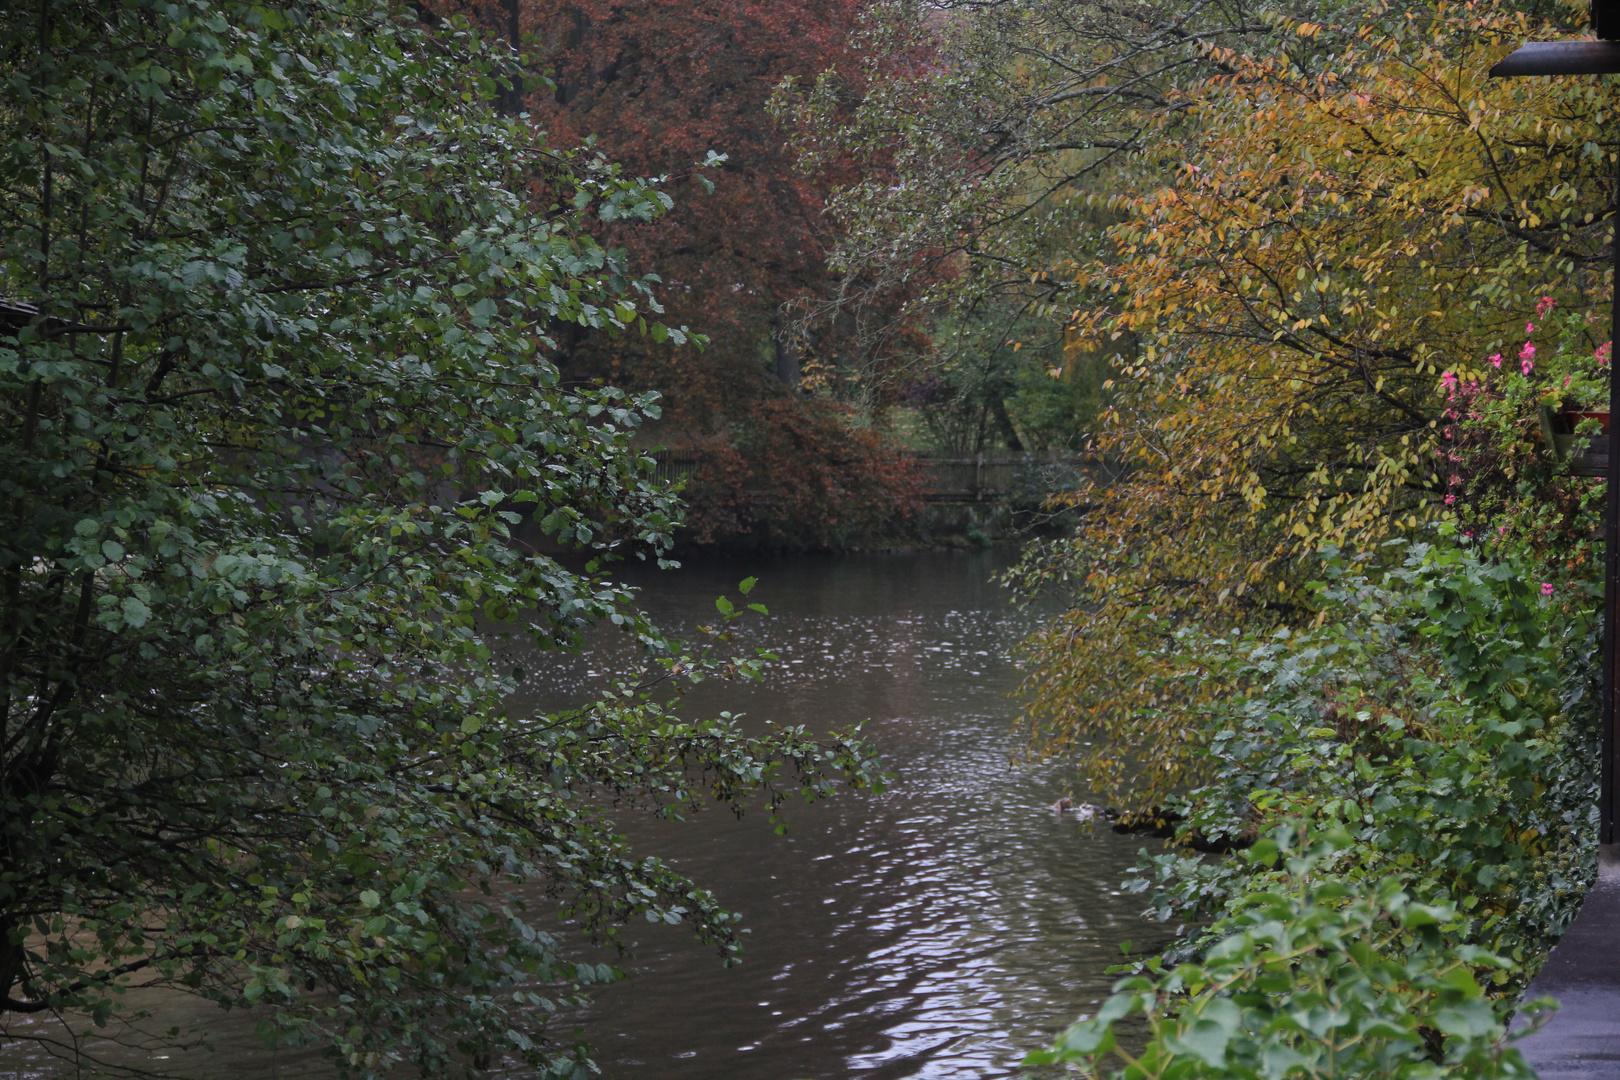 Lauf an der Pegnitz, Fluß